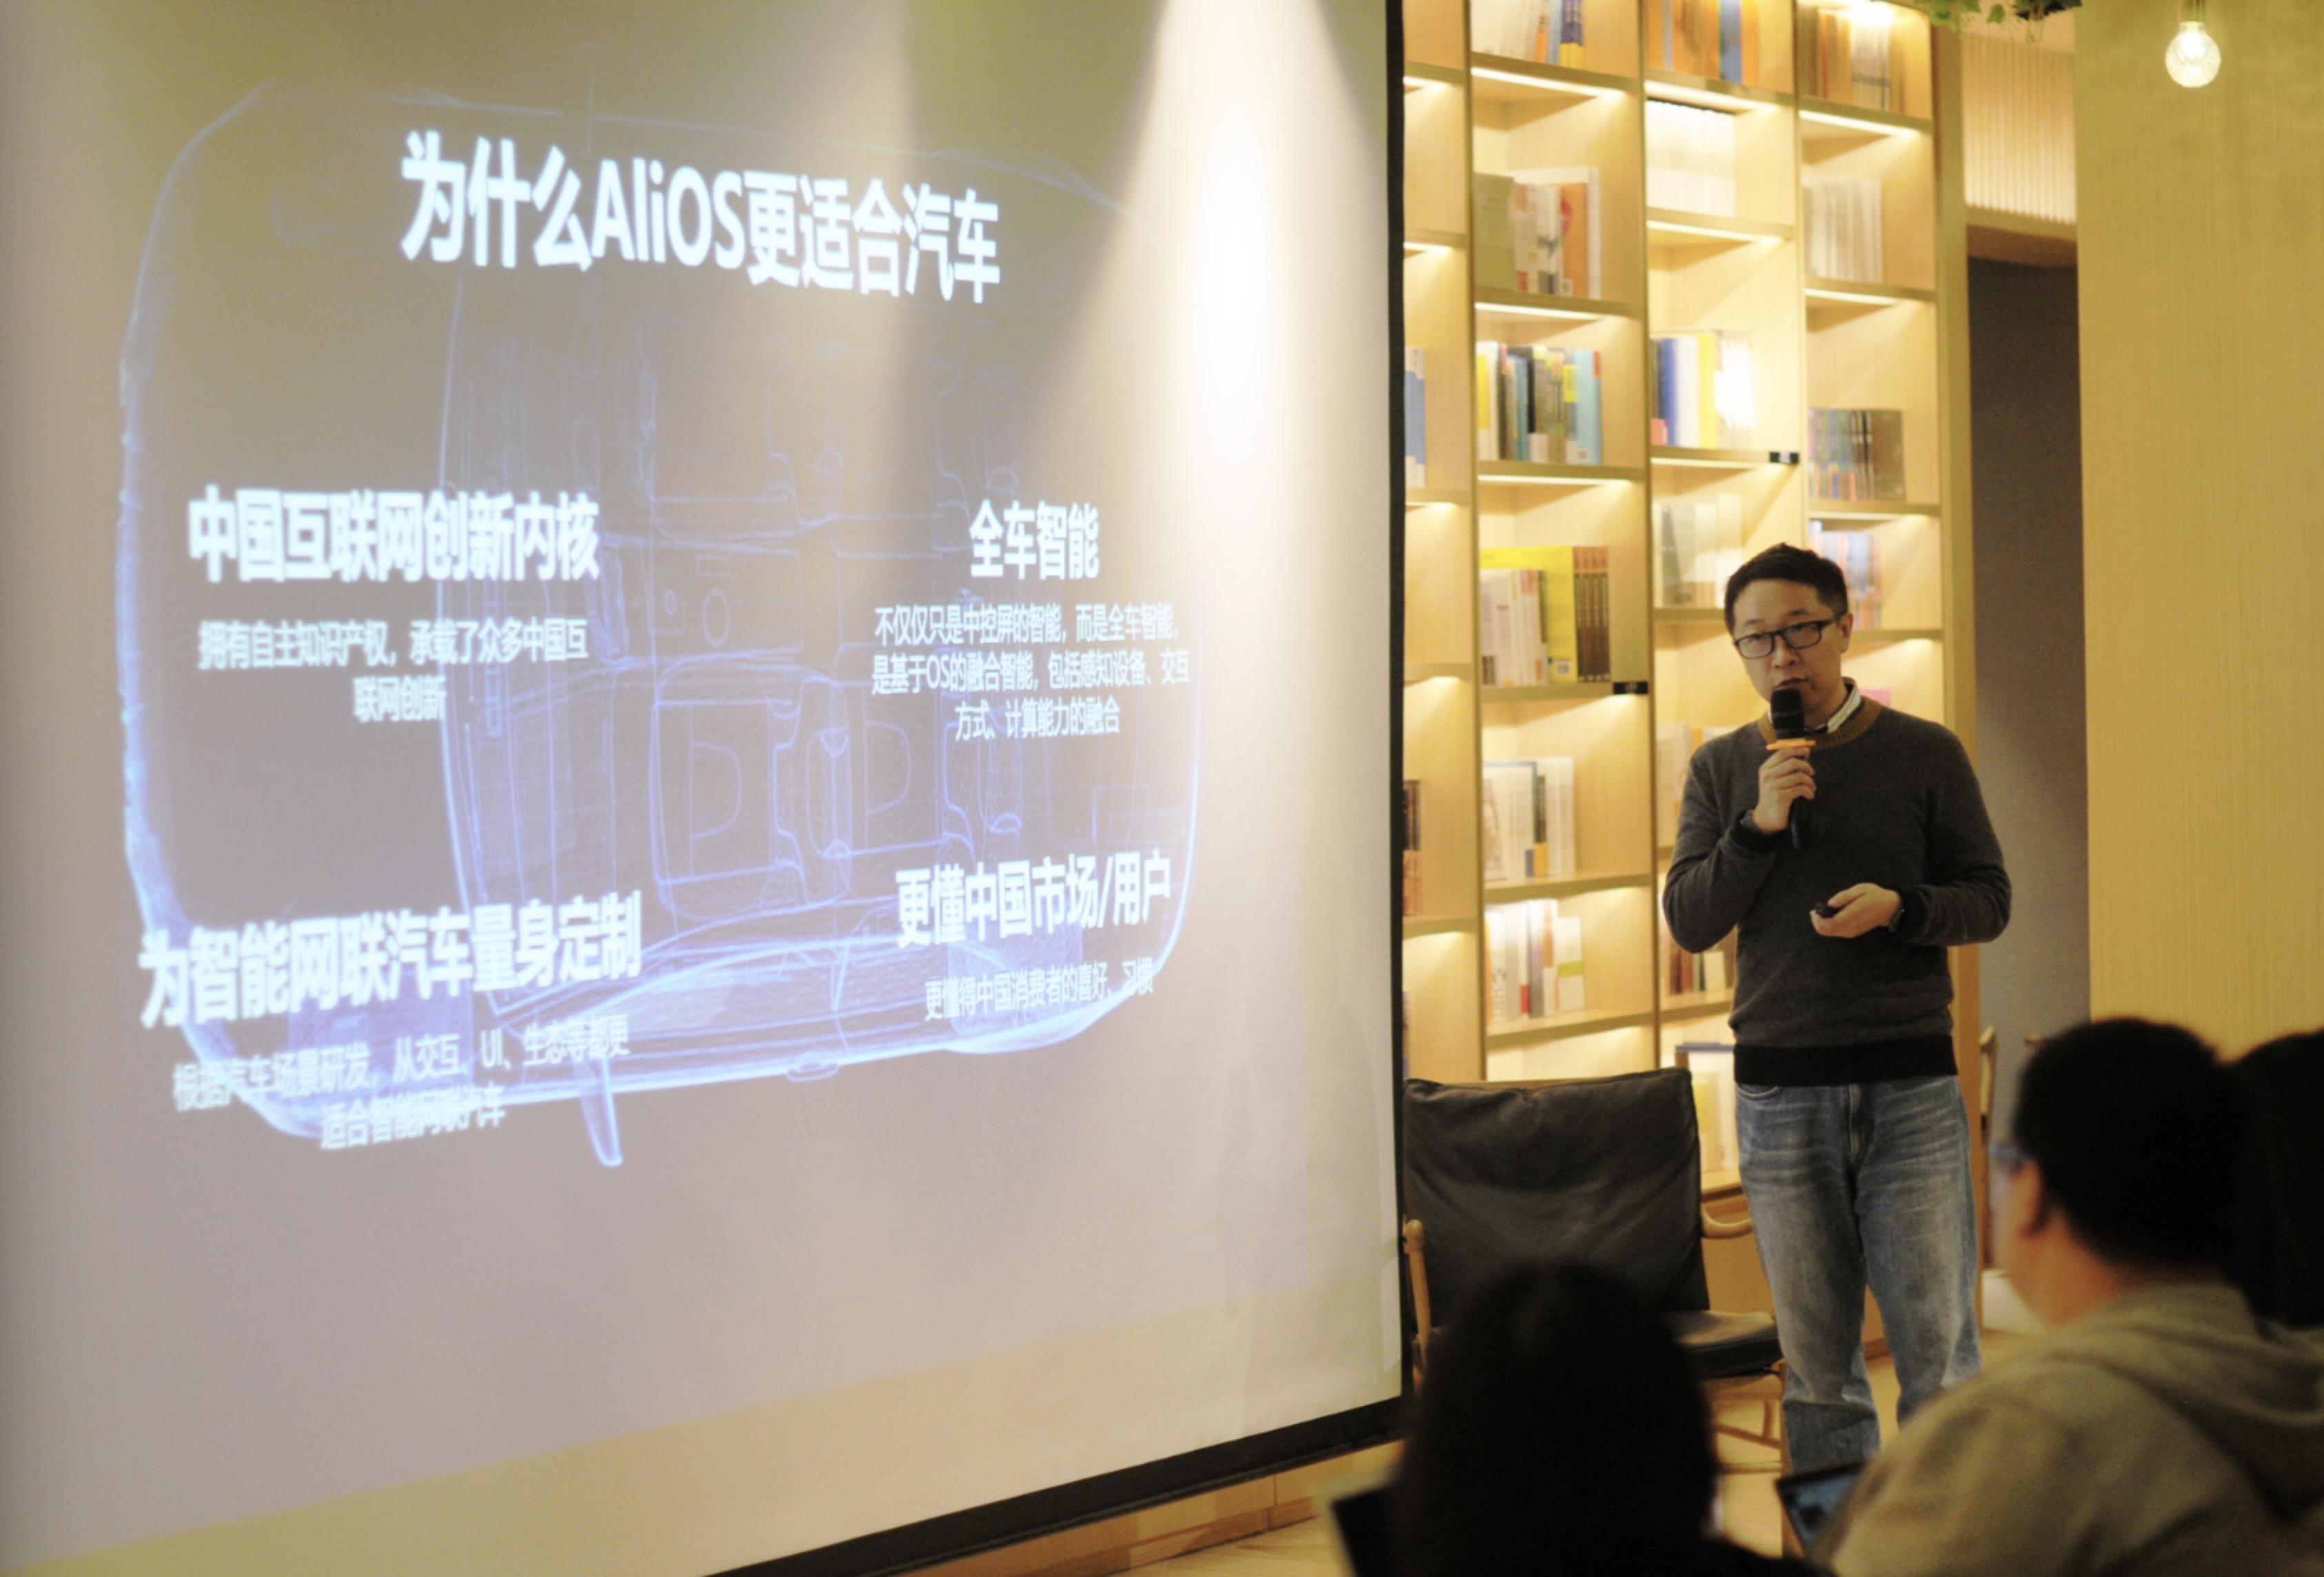 阿里巴巴谢炎:未来中国汽车产业只有AliOS安卓两种操作系统_广东